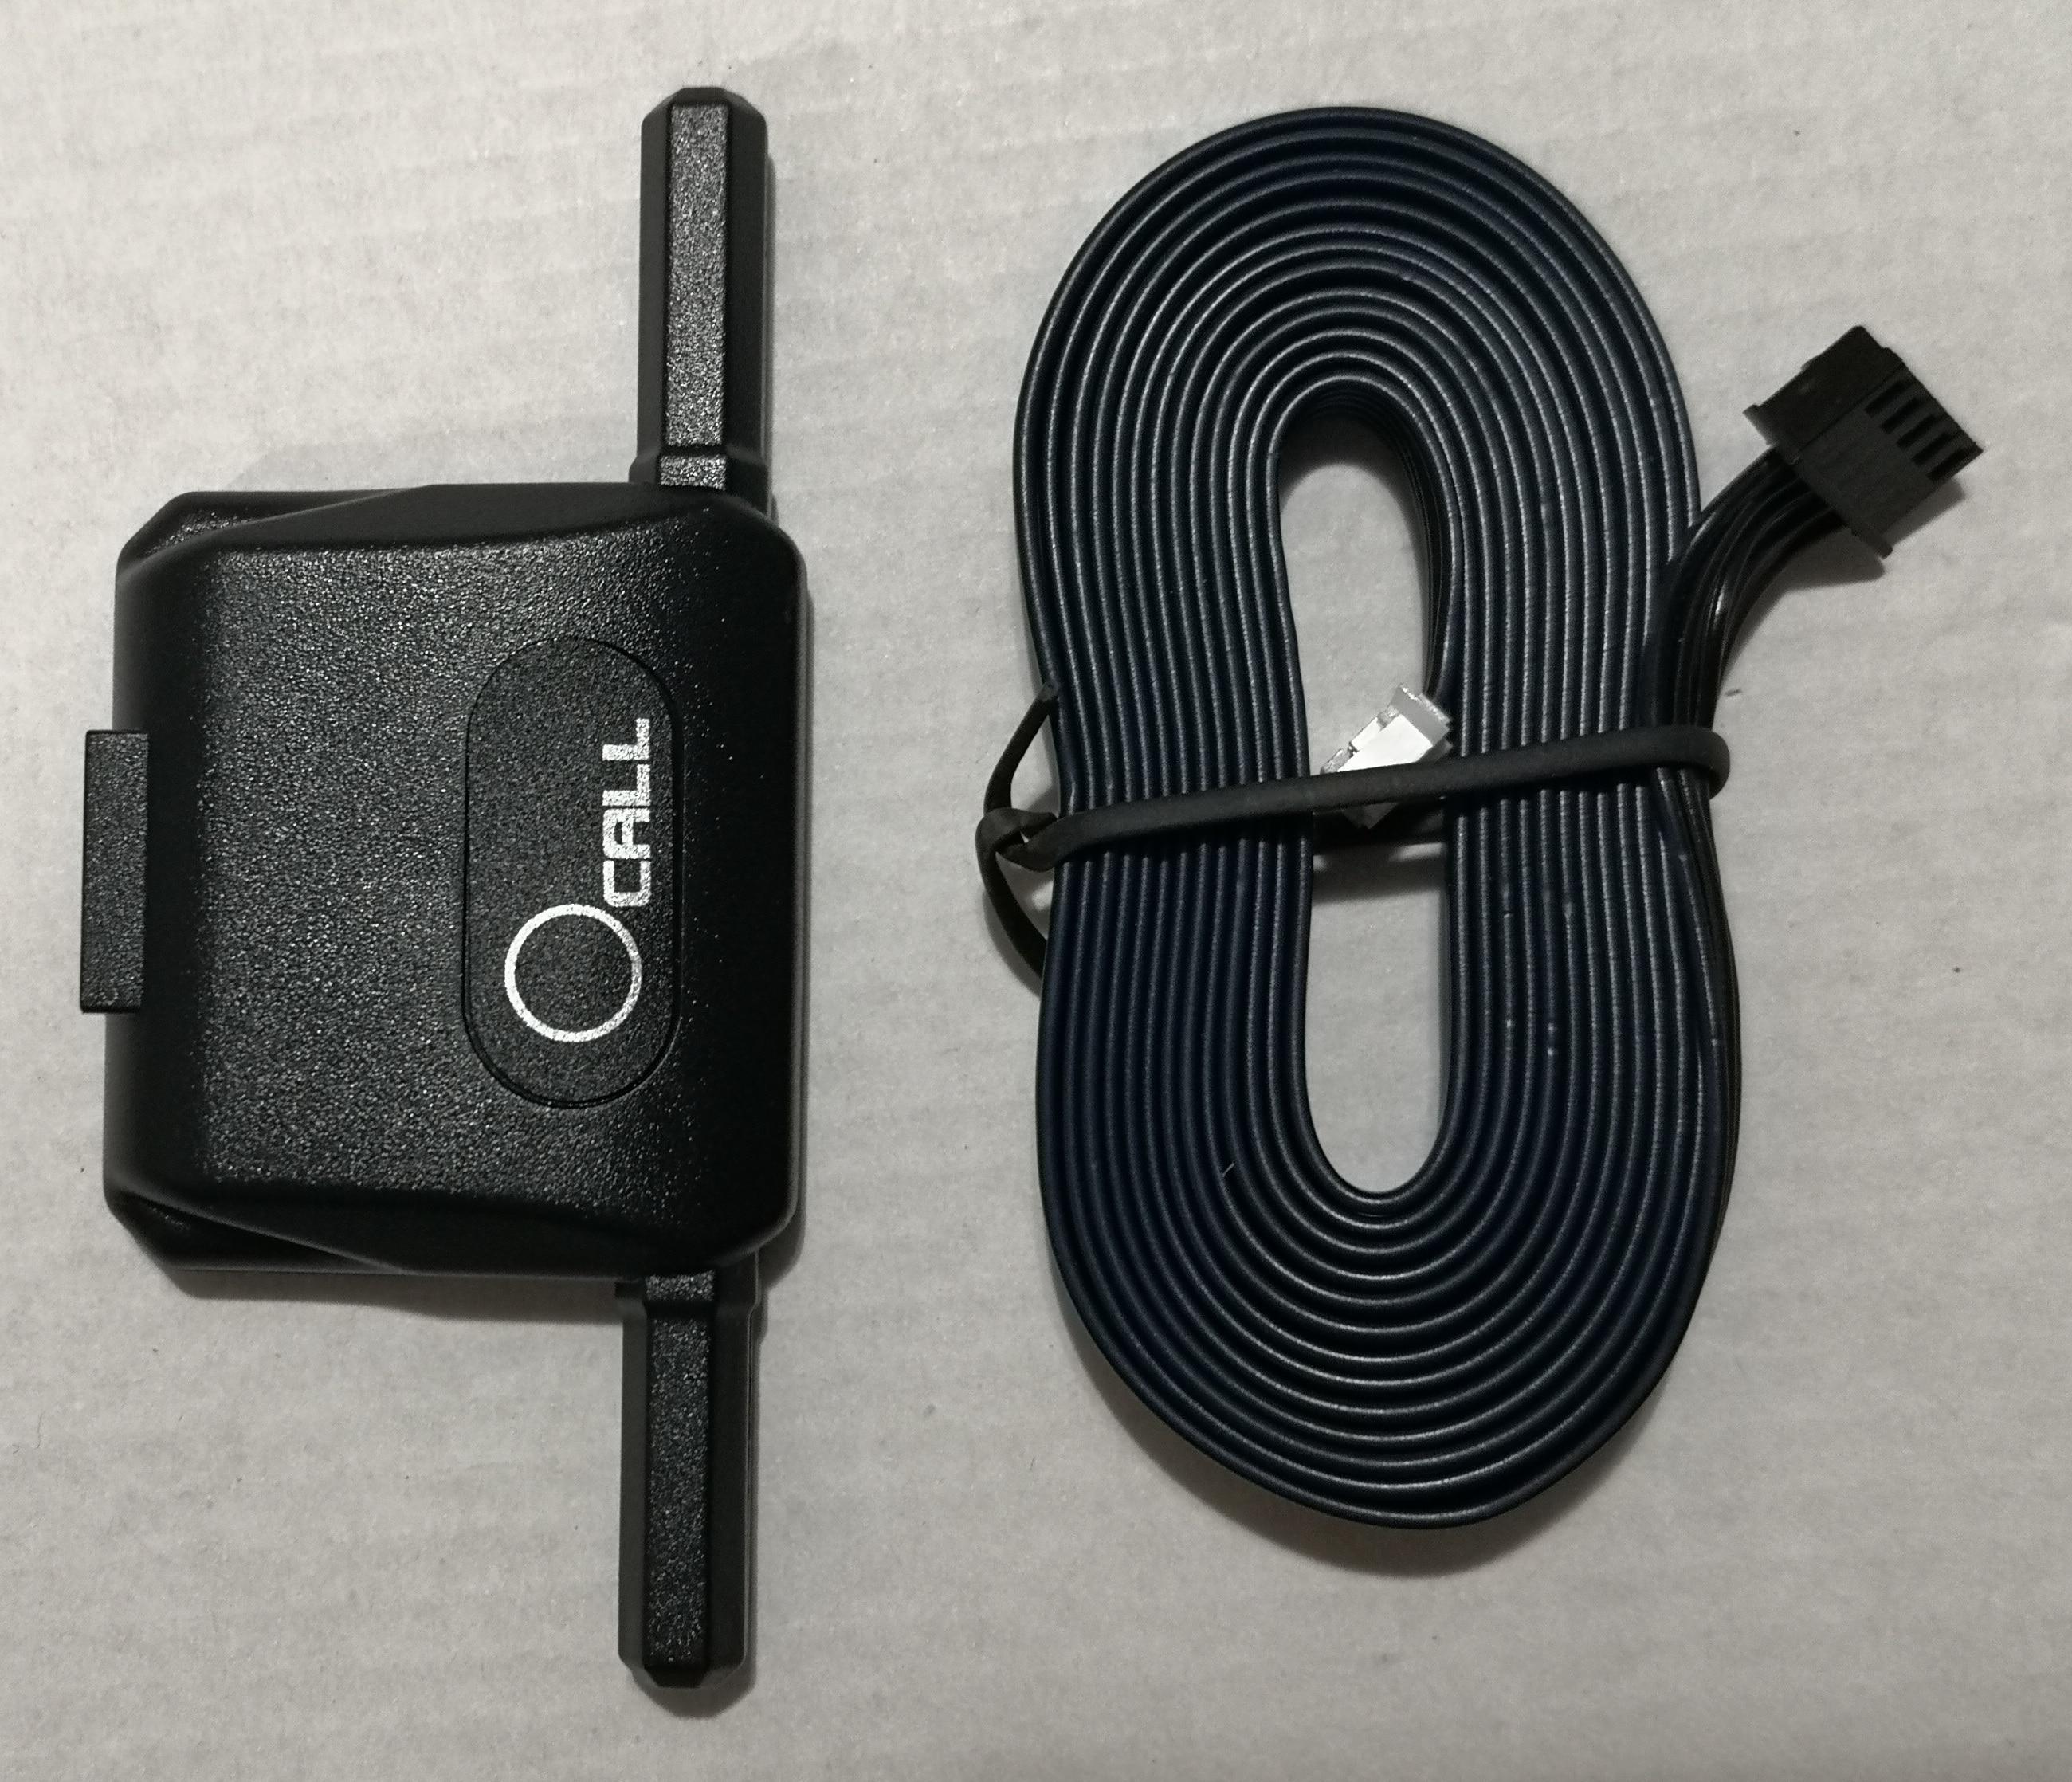 Антенна A9/A6/B9/B6, подходит для российской автомобильной сигнализации, специальная антенна, приемопередатчик, коробка управления, бесплатная ...